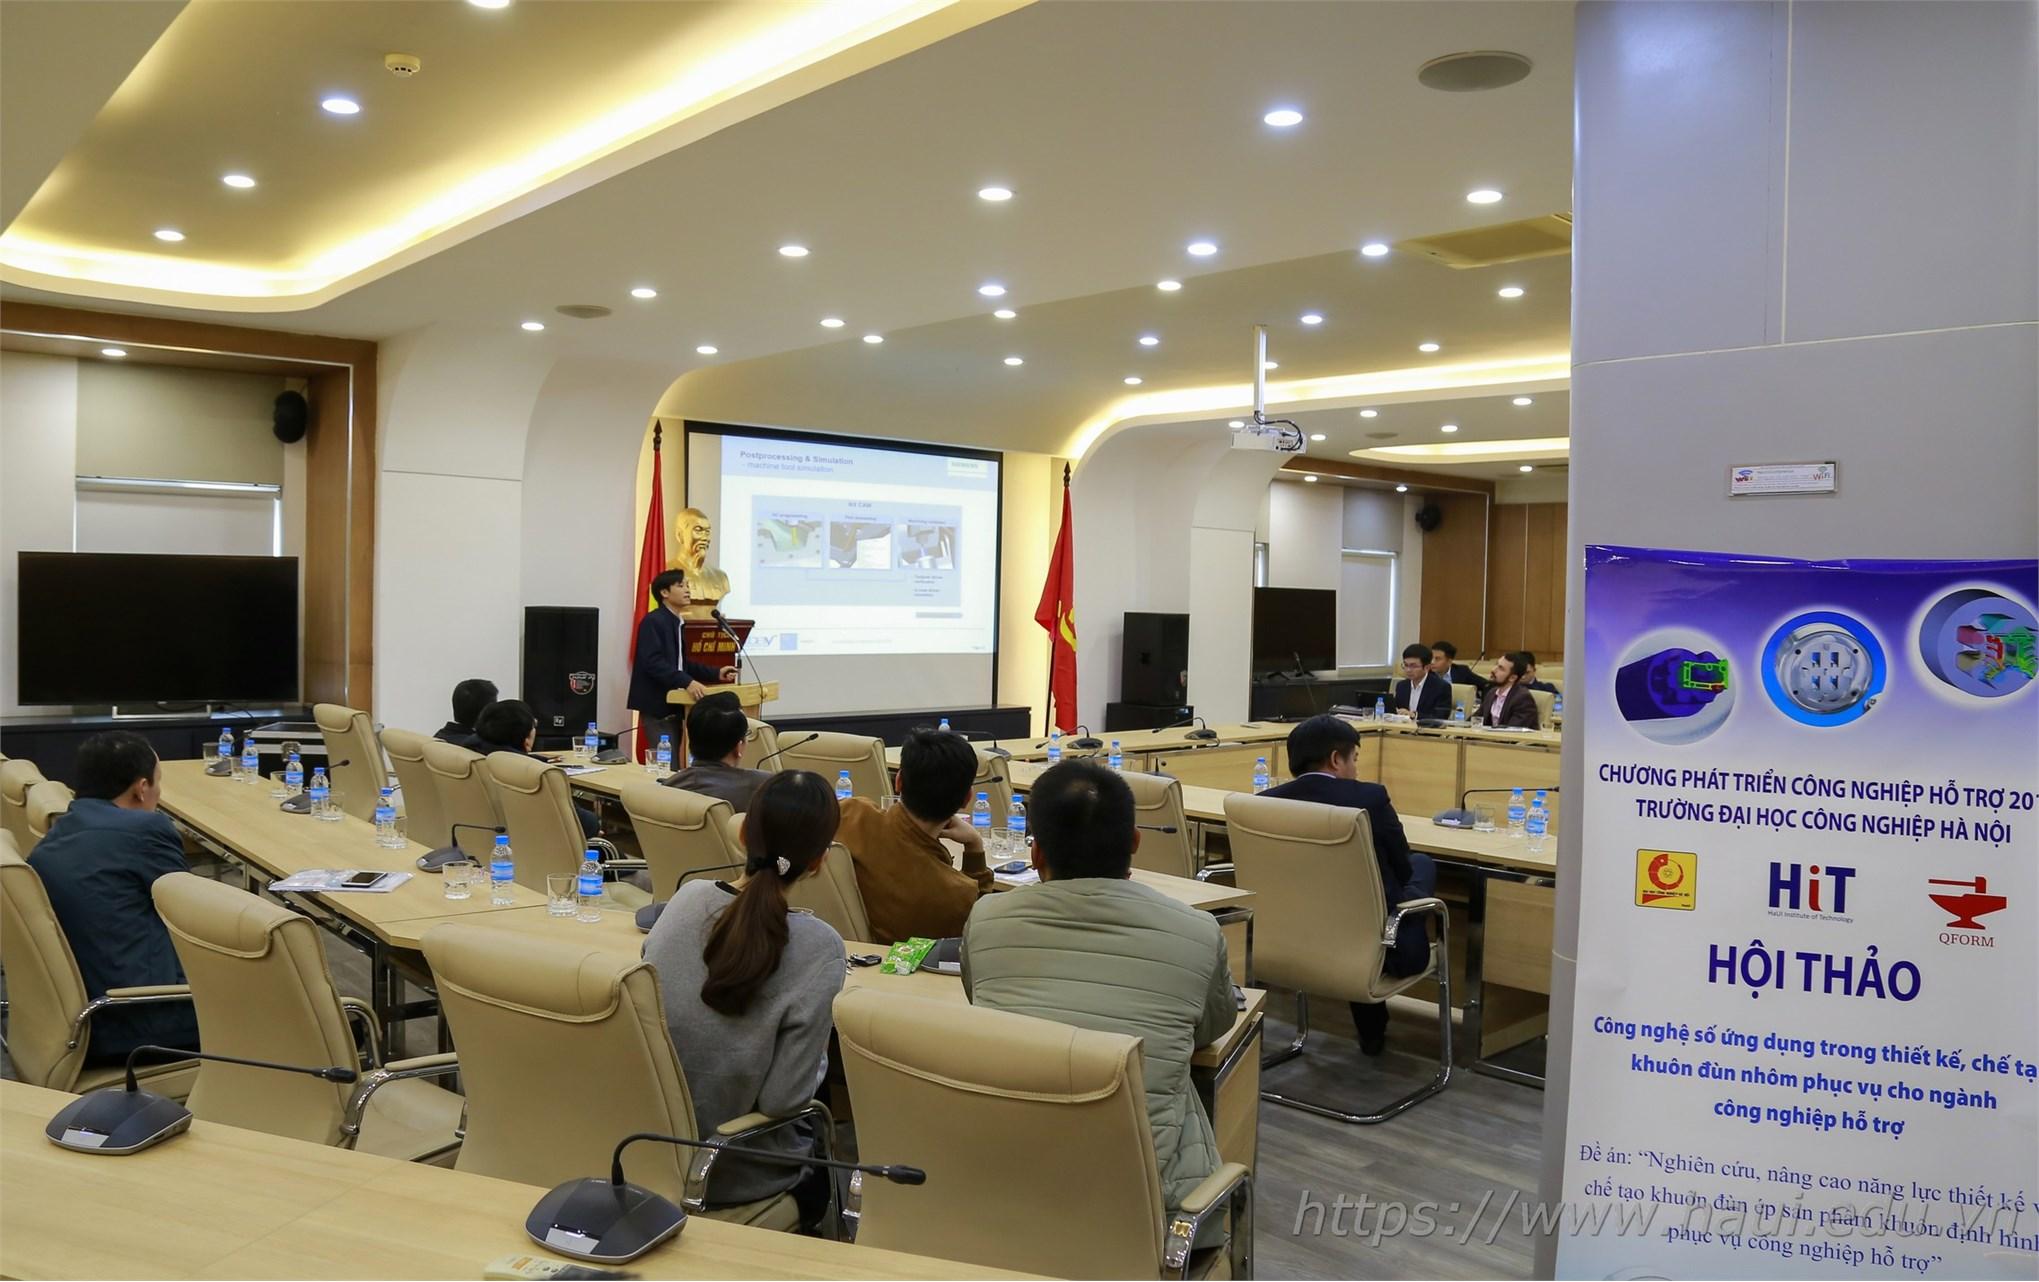 """Hội thảo """"Công nghệ số ứng dụng trong thiết kế, chế tạo khuôn đùn nhôm phục vụ cho ngành công nghiệp hỗ trợ"""""""